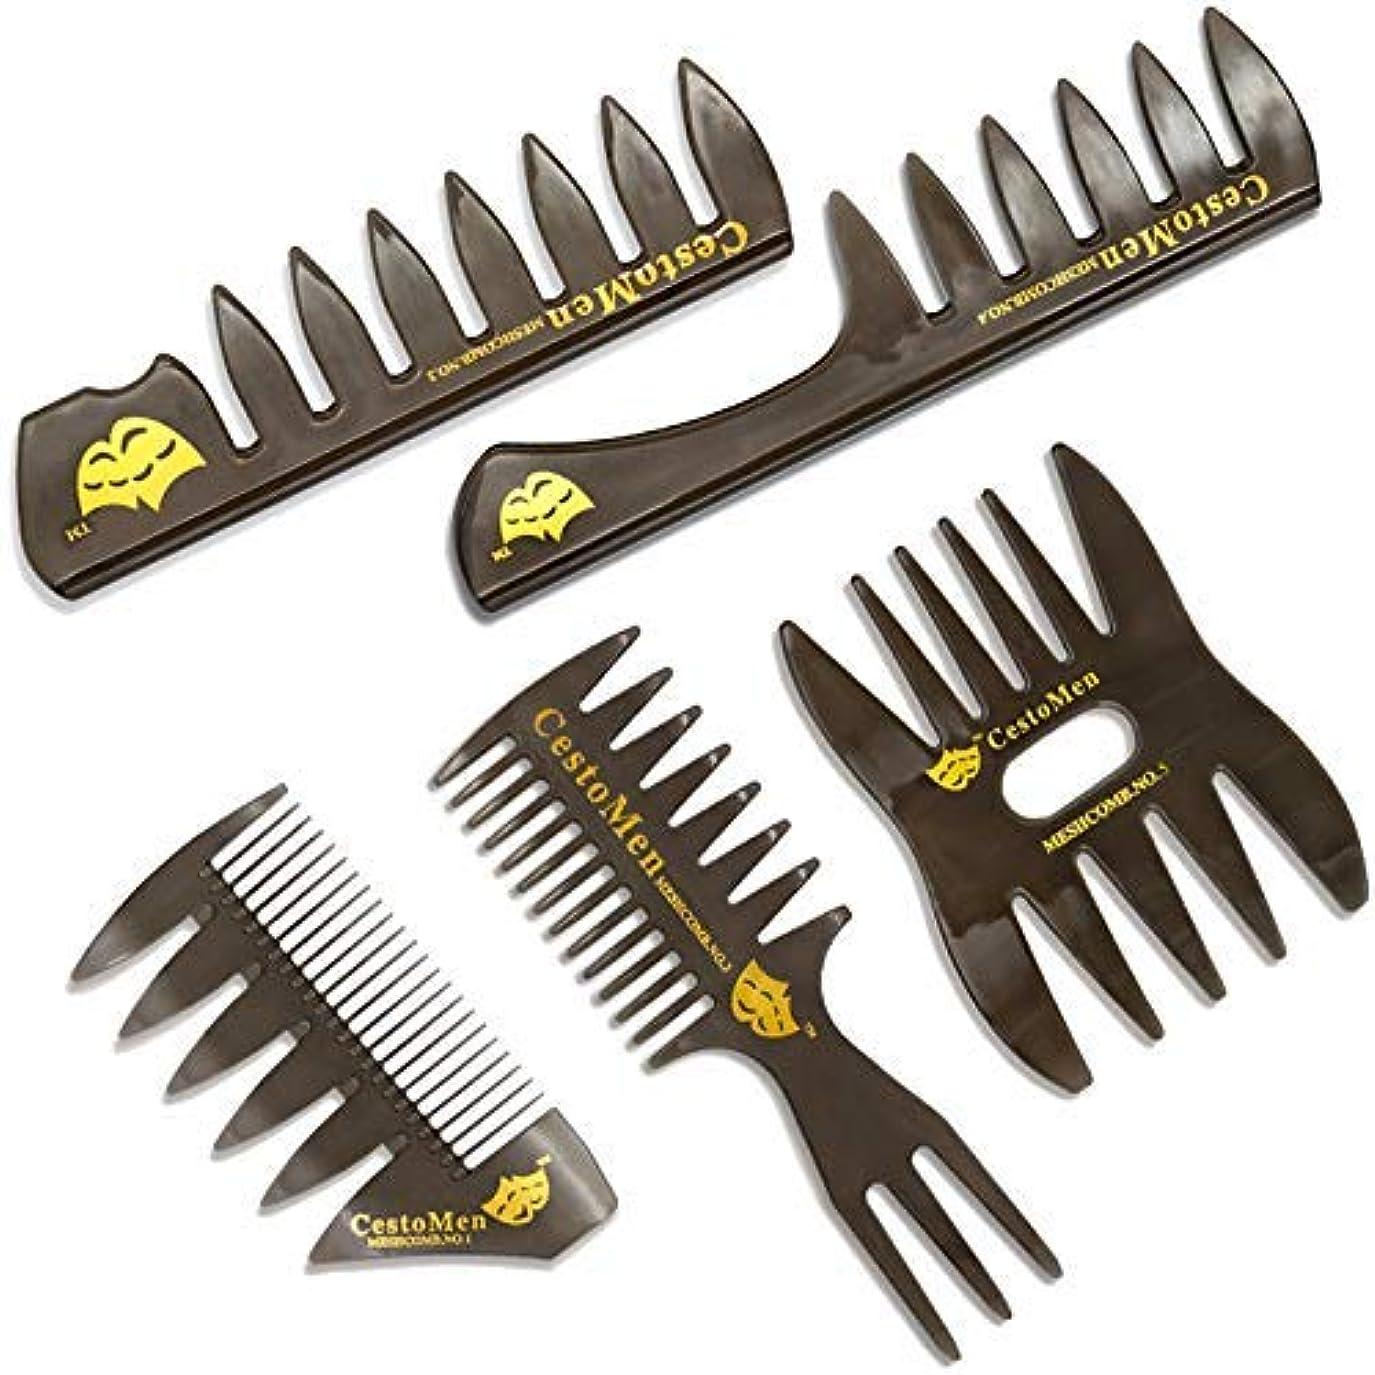 累積請う発明5 PCS Hair Comb Styling Set Barber Hairstylist Accessories - Professional Shaping & Teasing Wet Combs Tools, Anti...